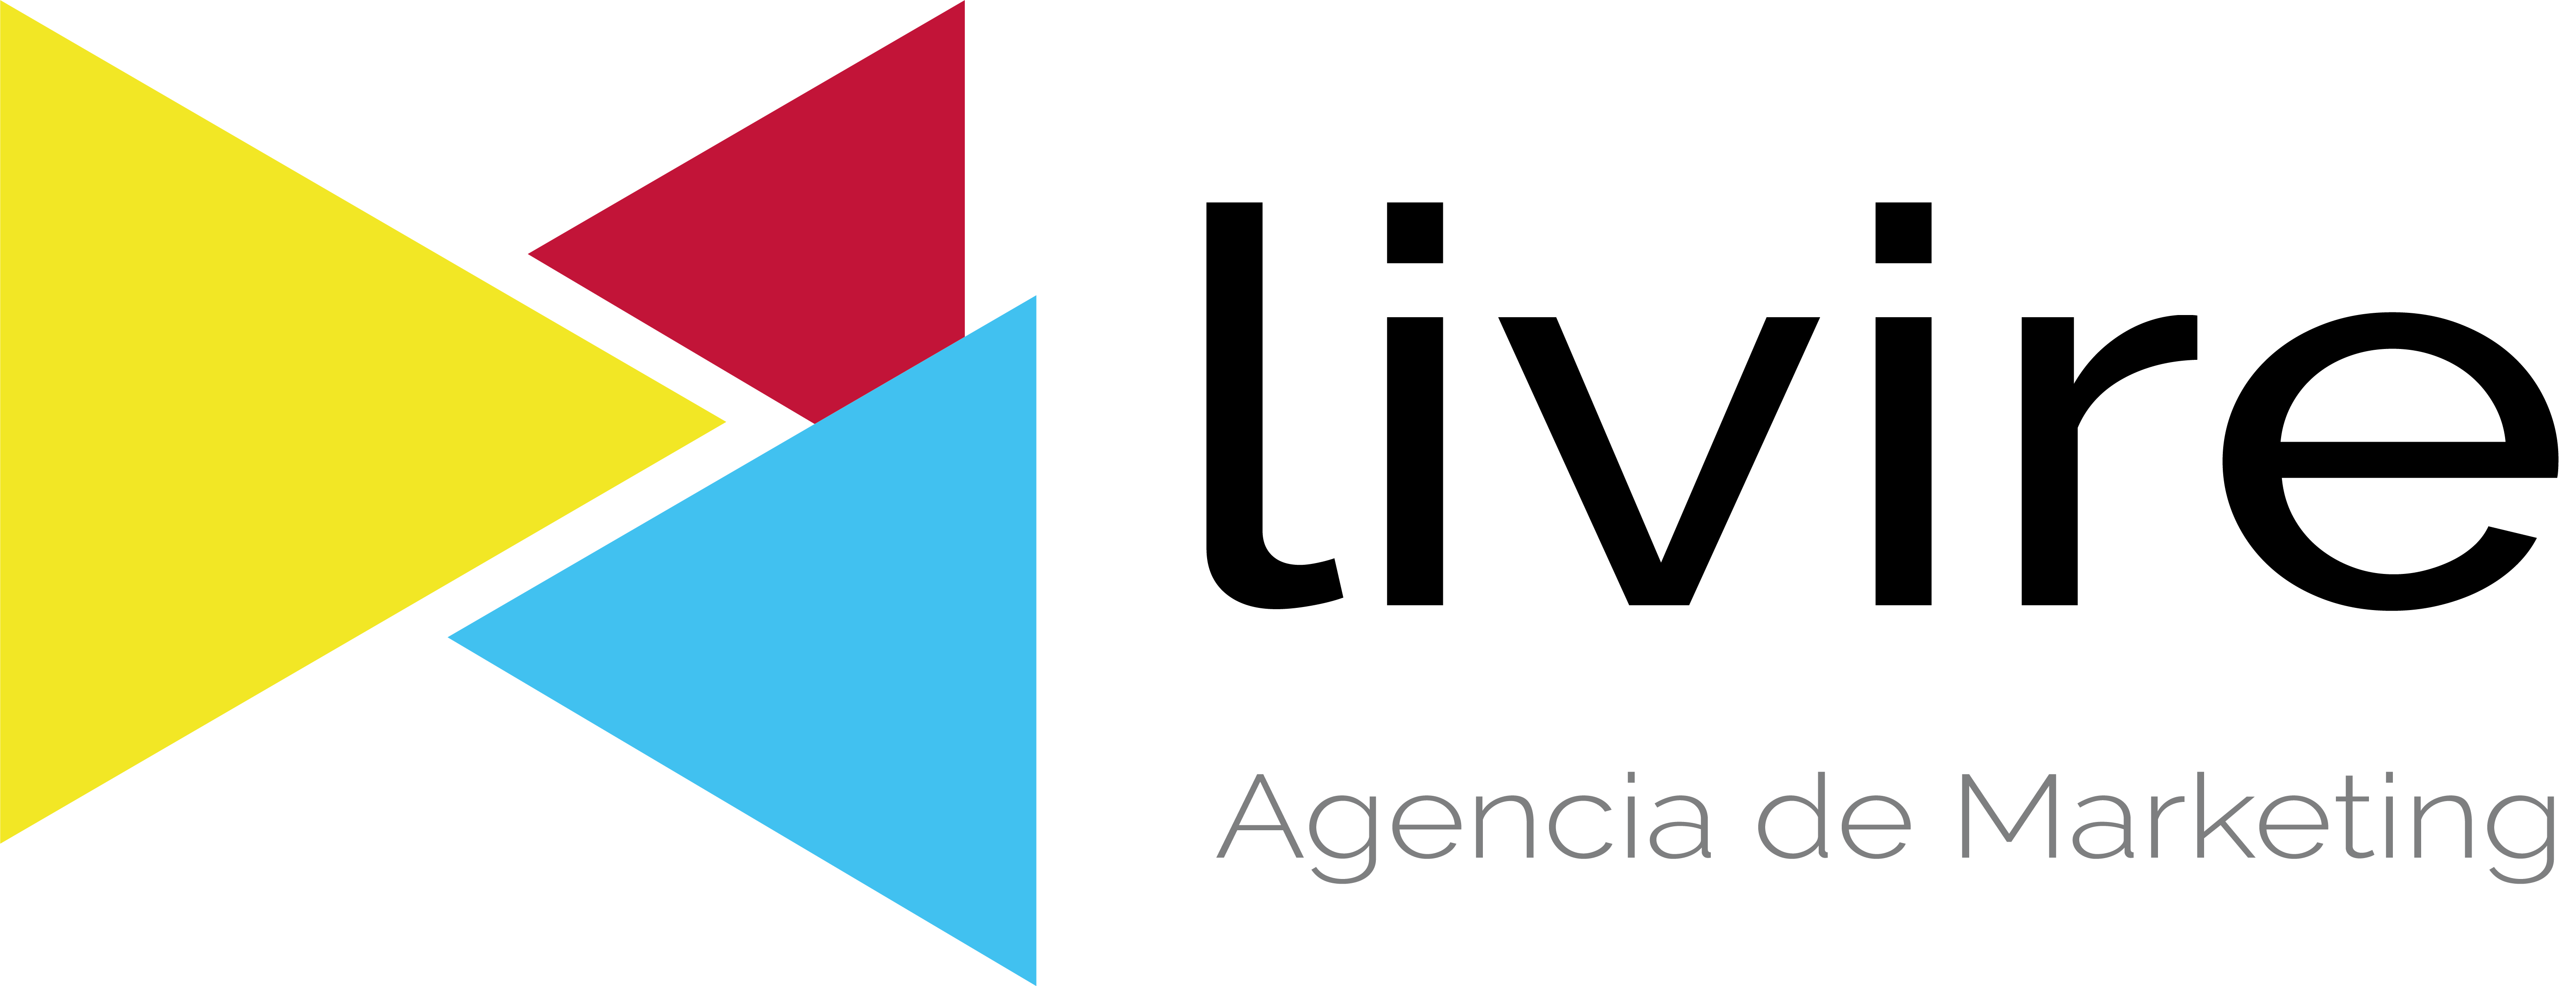 Diseño Web en Valladolid. Posicionamiento SEO y SEM. Social Media.